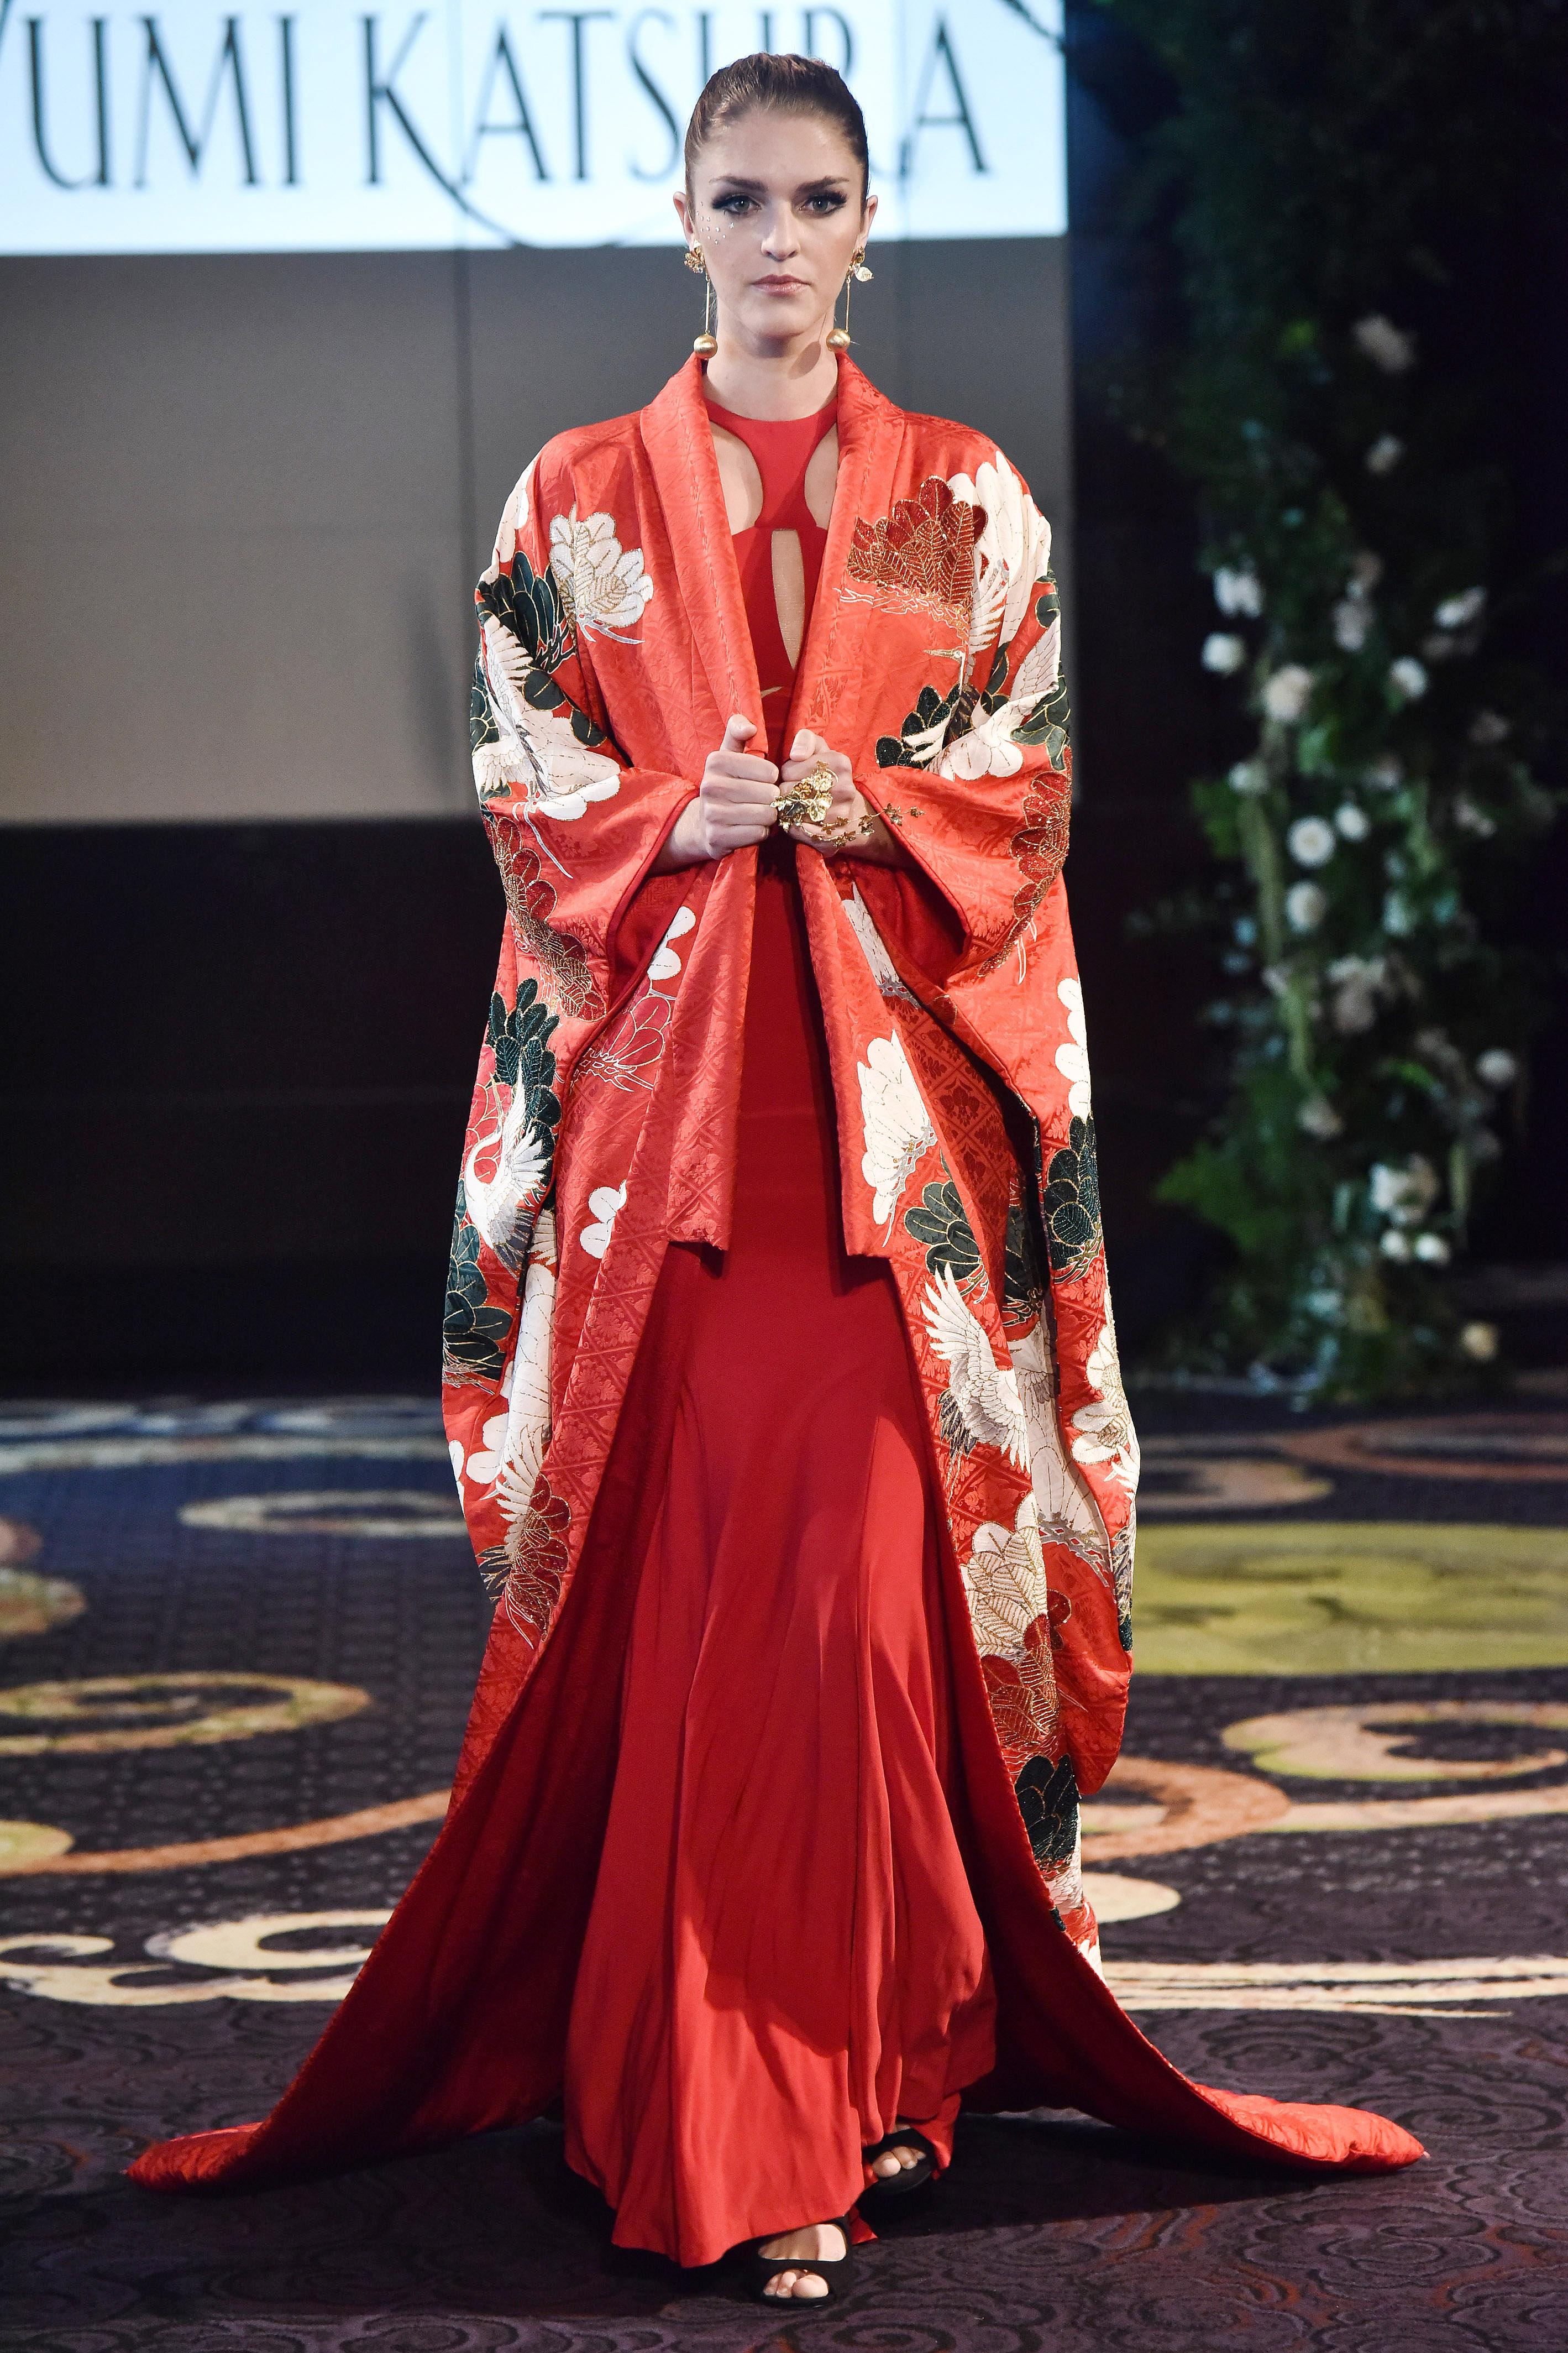 yumi katsura red silk kimono wedding dress fall 2018